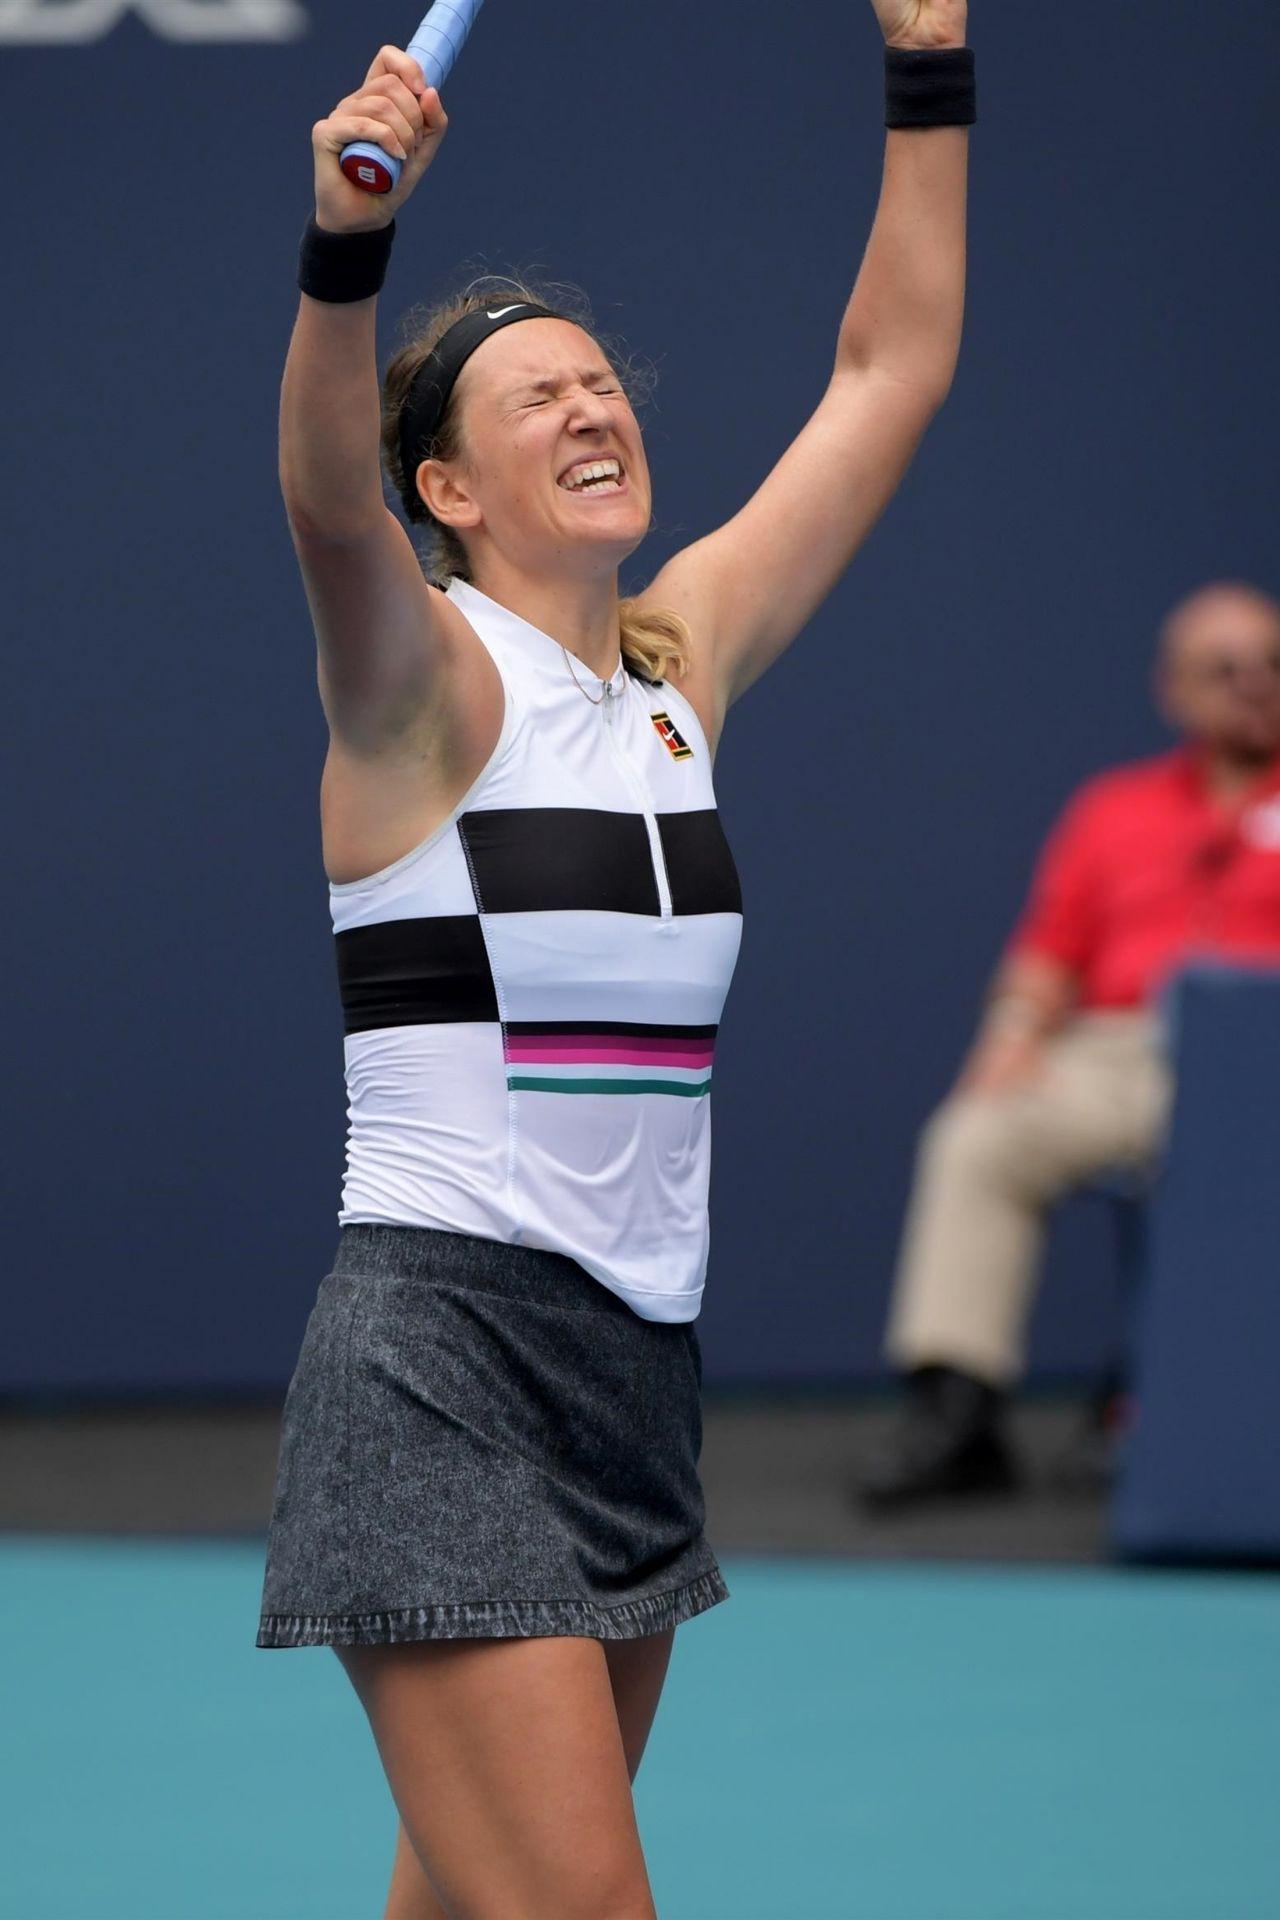 victoria azarenka - 2019 miami open tennis tournament 03